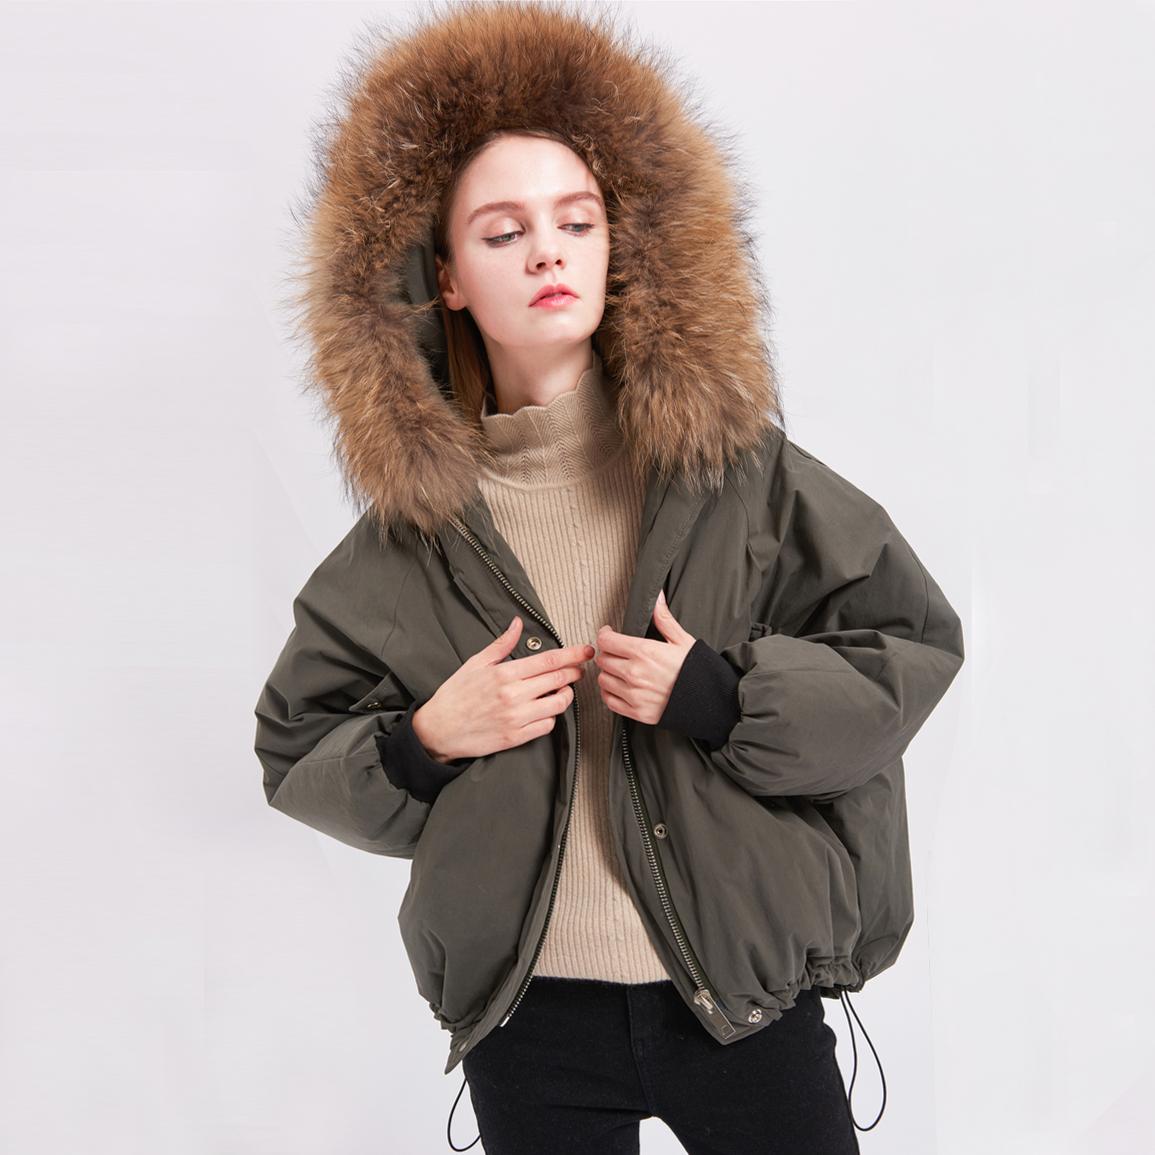 日本女����9�Y�_日蕃谷2017年冬季新款羚羊头毛领蝙蝠袖连帽显瘦羽绒服女y35650l_7折